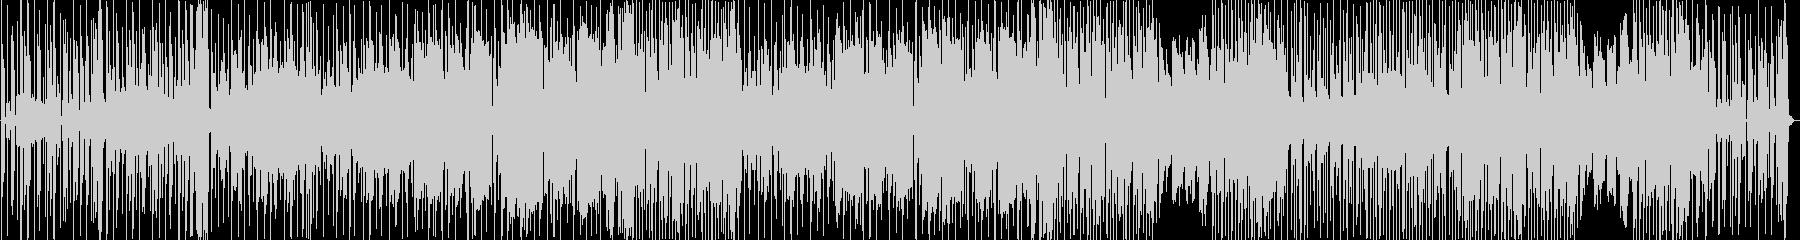 ヒップホップ風のリズムのR&Bバラード4の未再生の波形